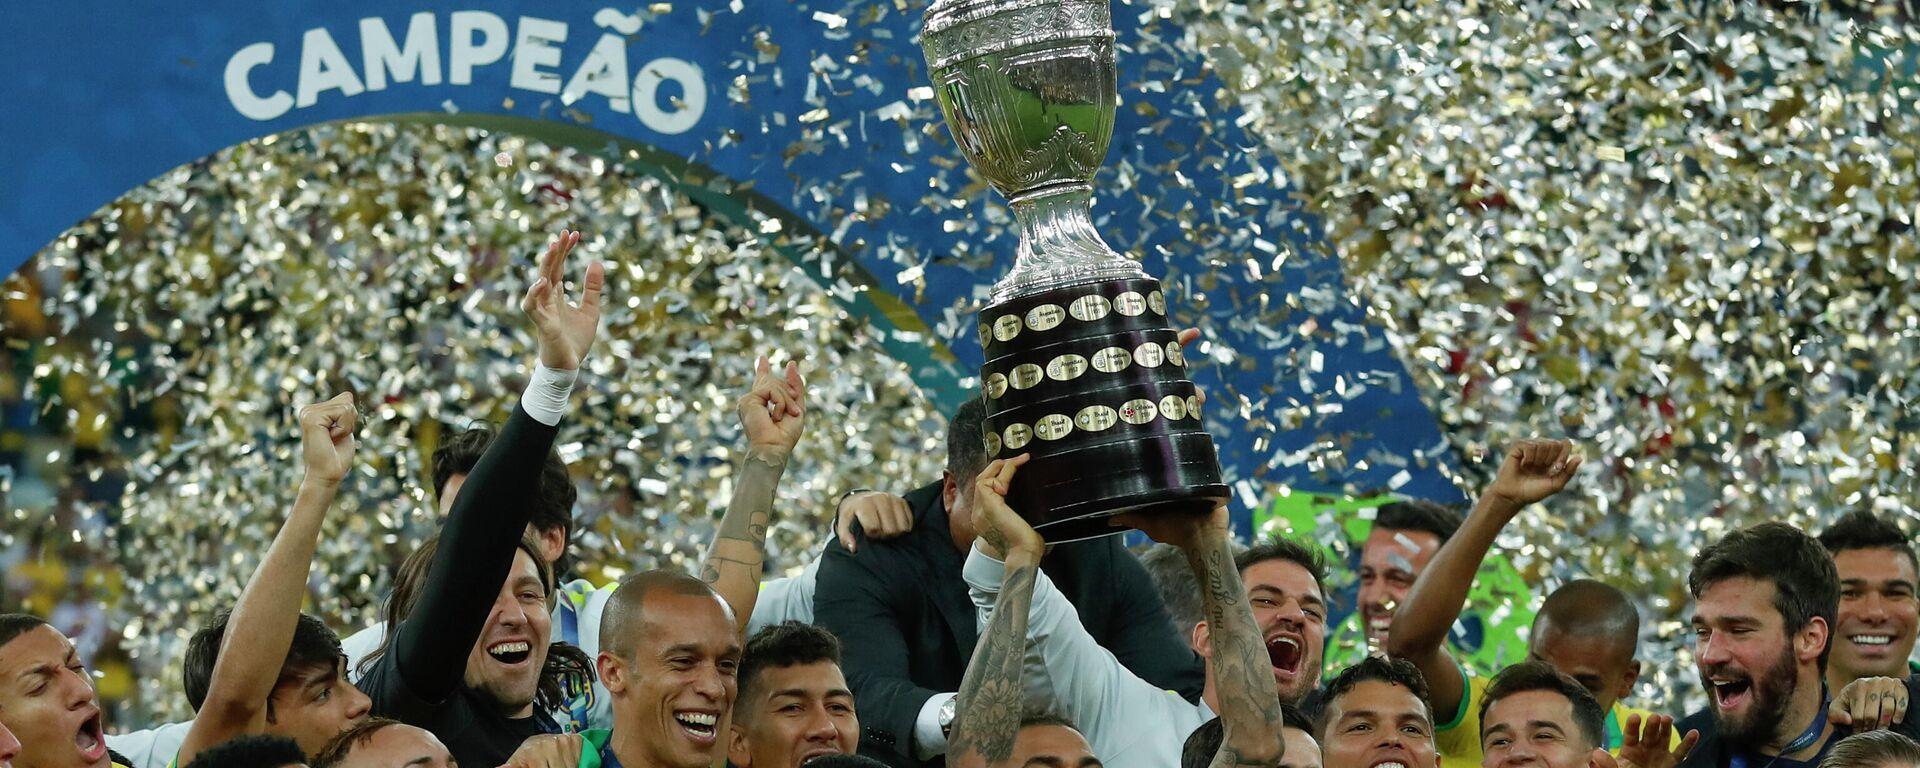 La selección brasileña de fútbol celebrando la obtención de la Copa América de 2019 - Sputnik Mundo, 1920, 13.04.2021